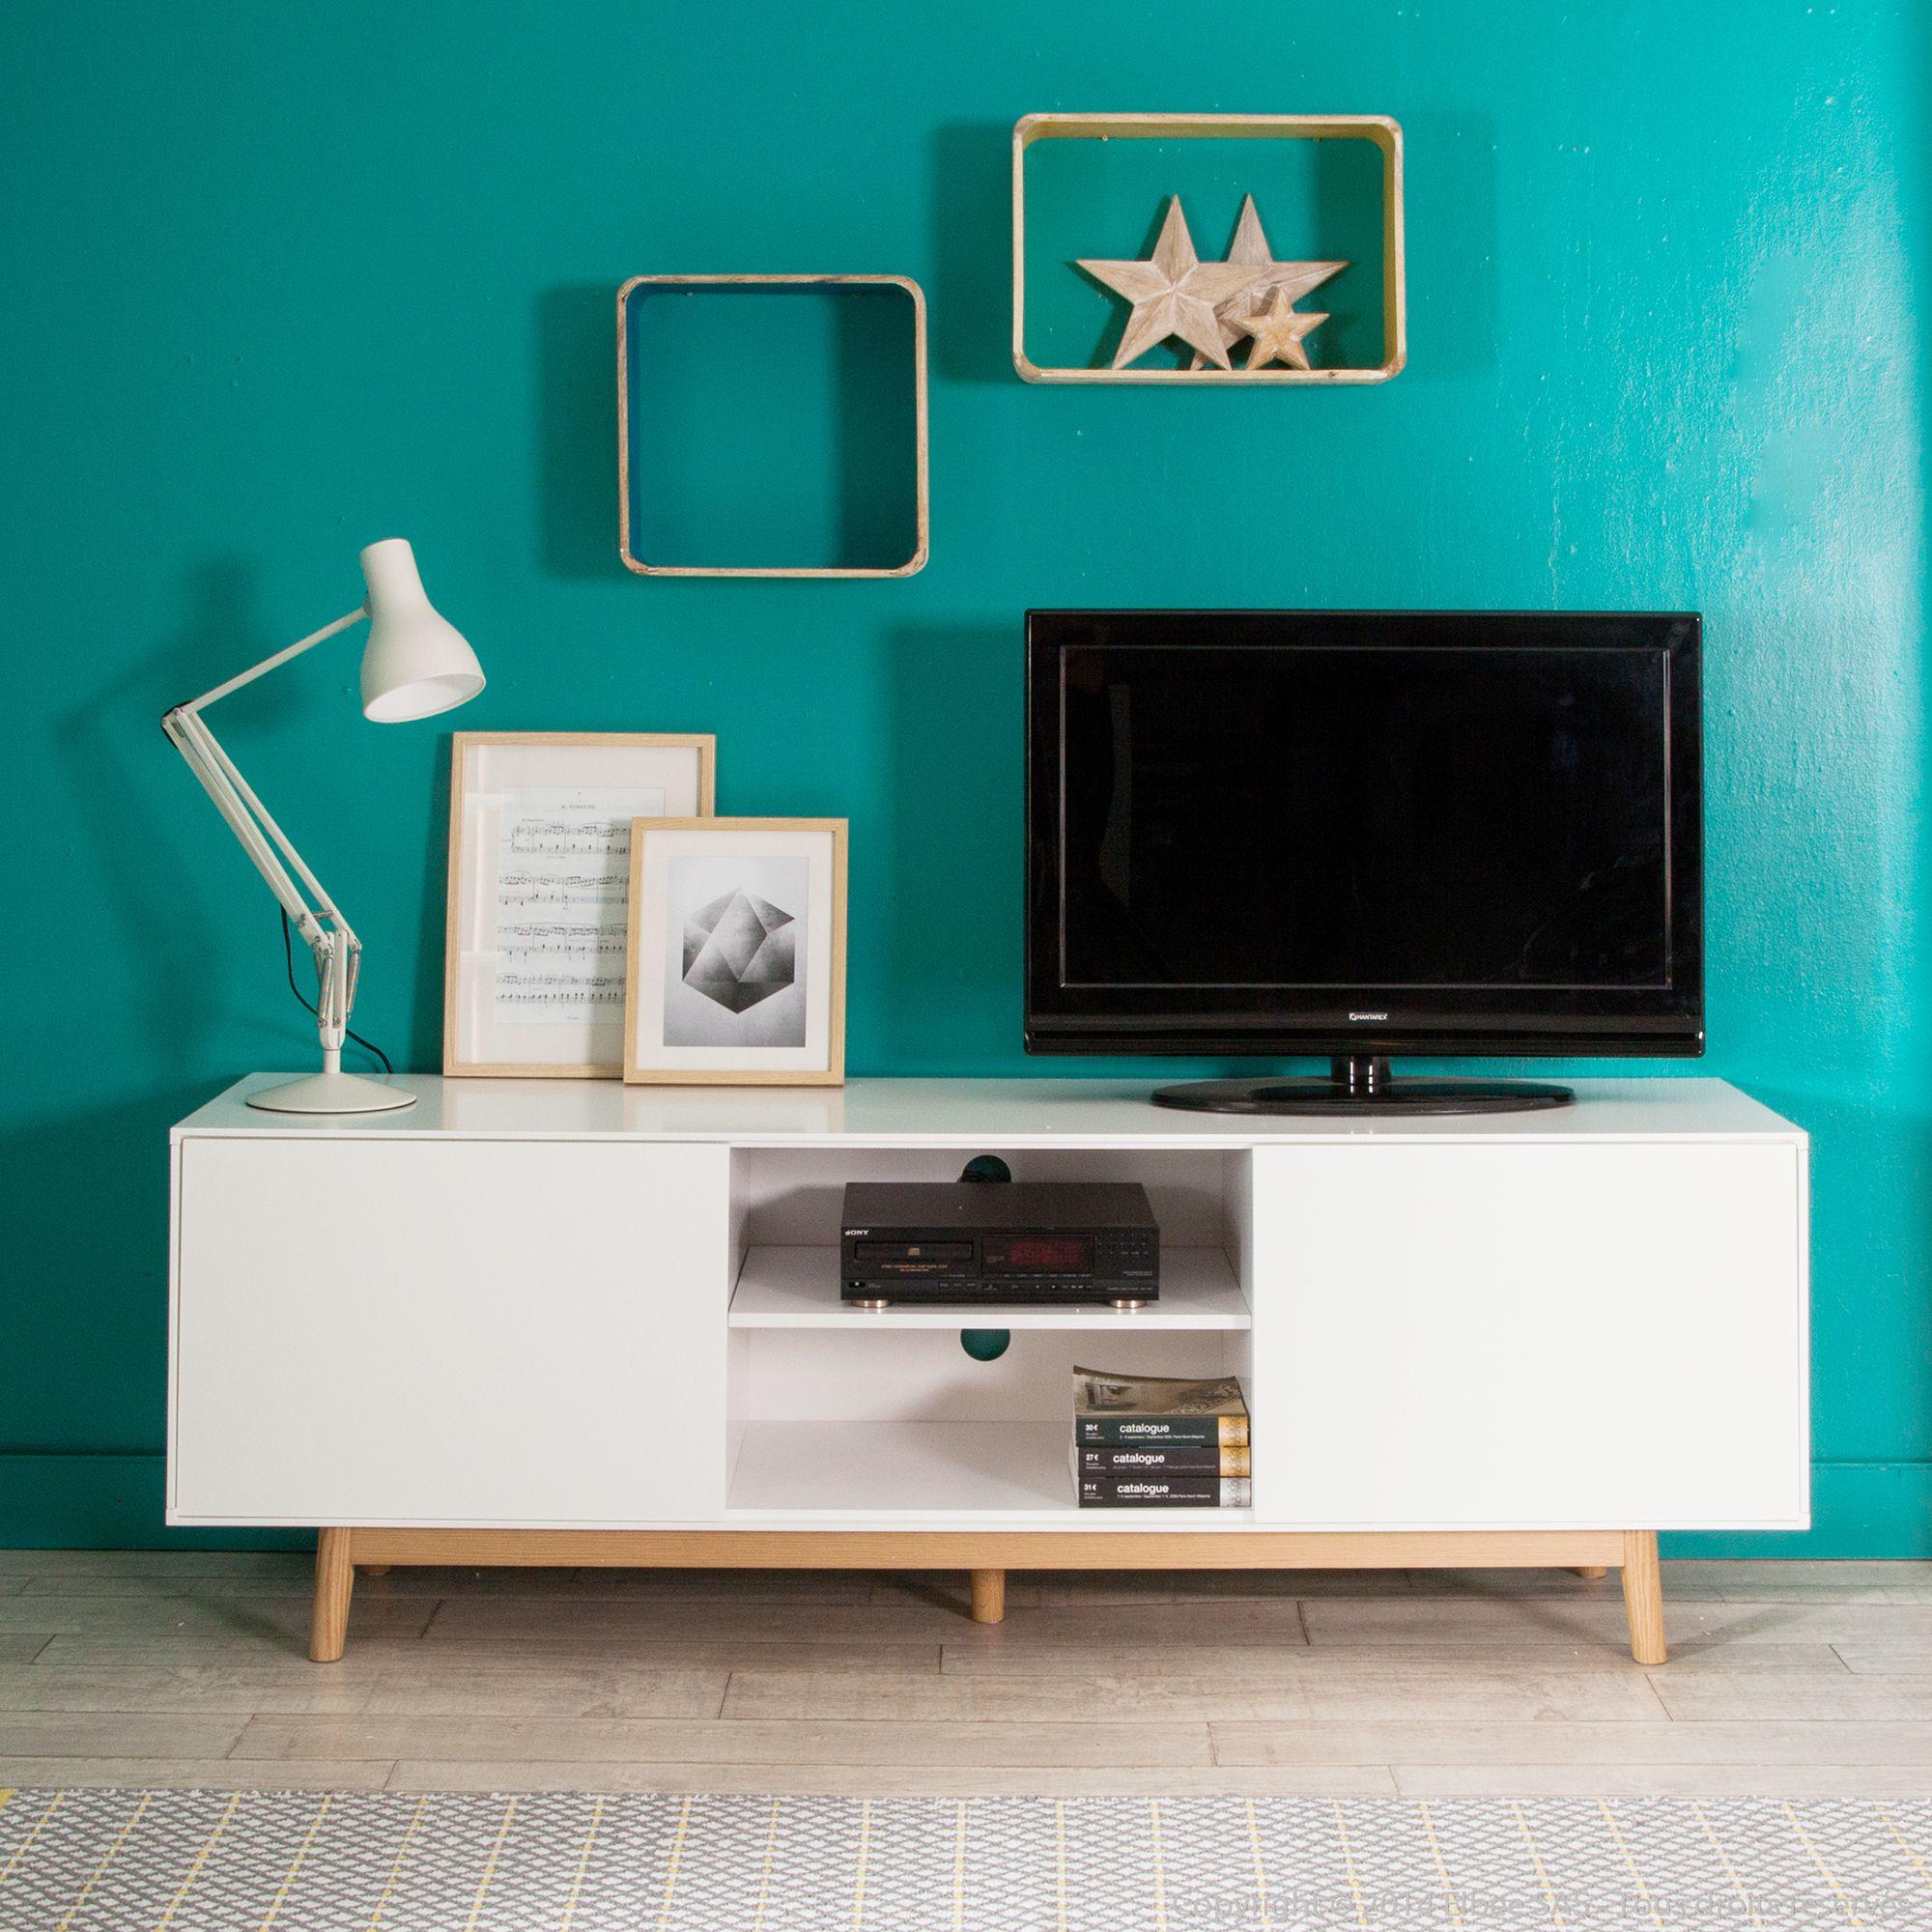 Meuble Tv 2 Portes 2 Niches En Bois Laqu Blanc Pieds Ch Ne L180cm  # Composition Design Meuble Tele Planche Bois